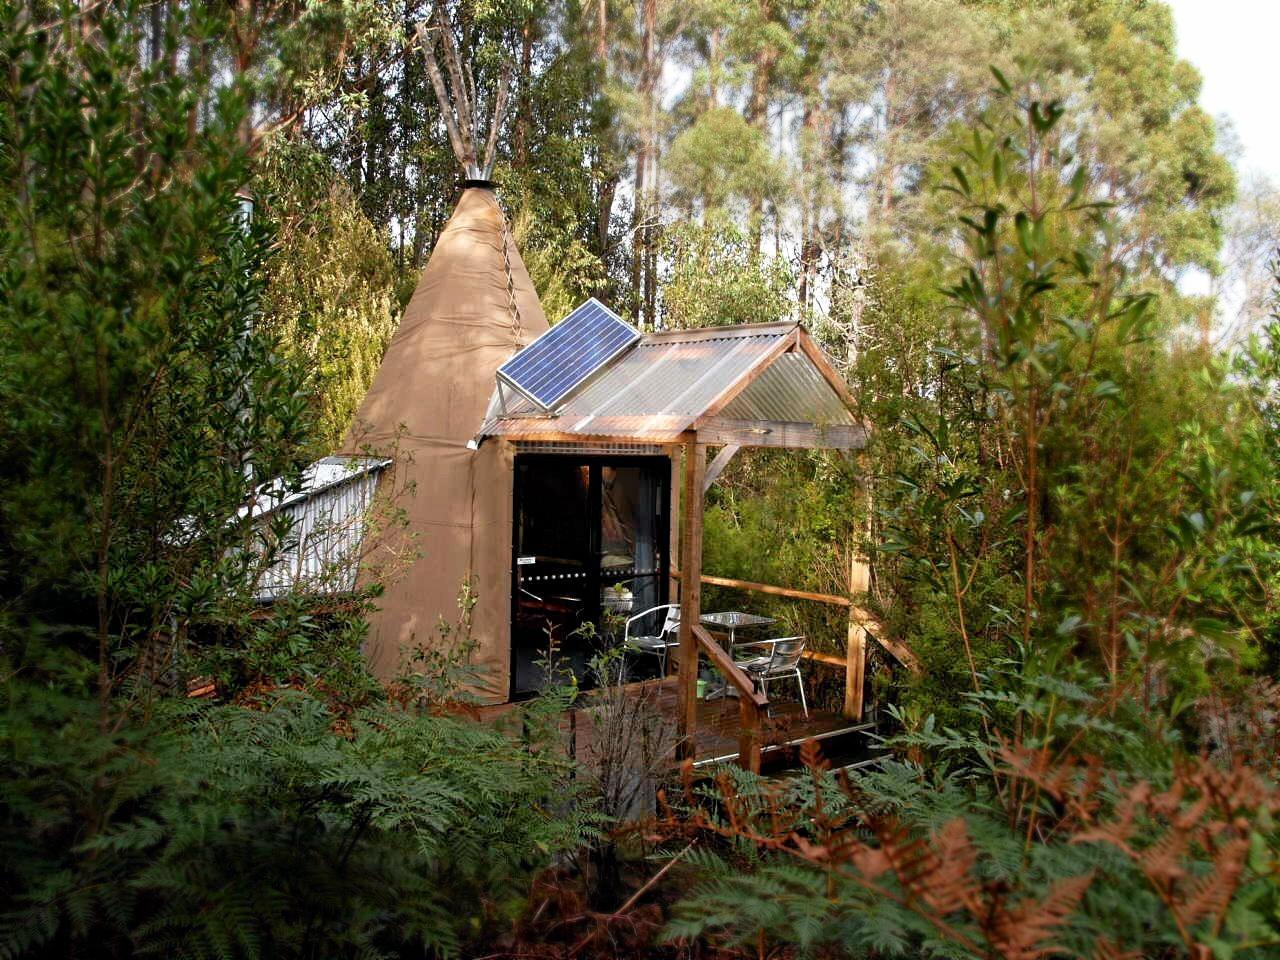 Huon Bush Retreats in Tasmania.